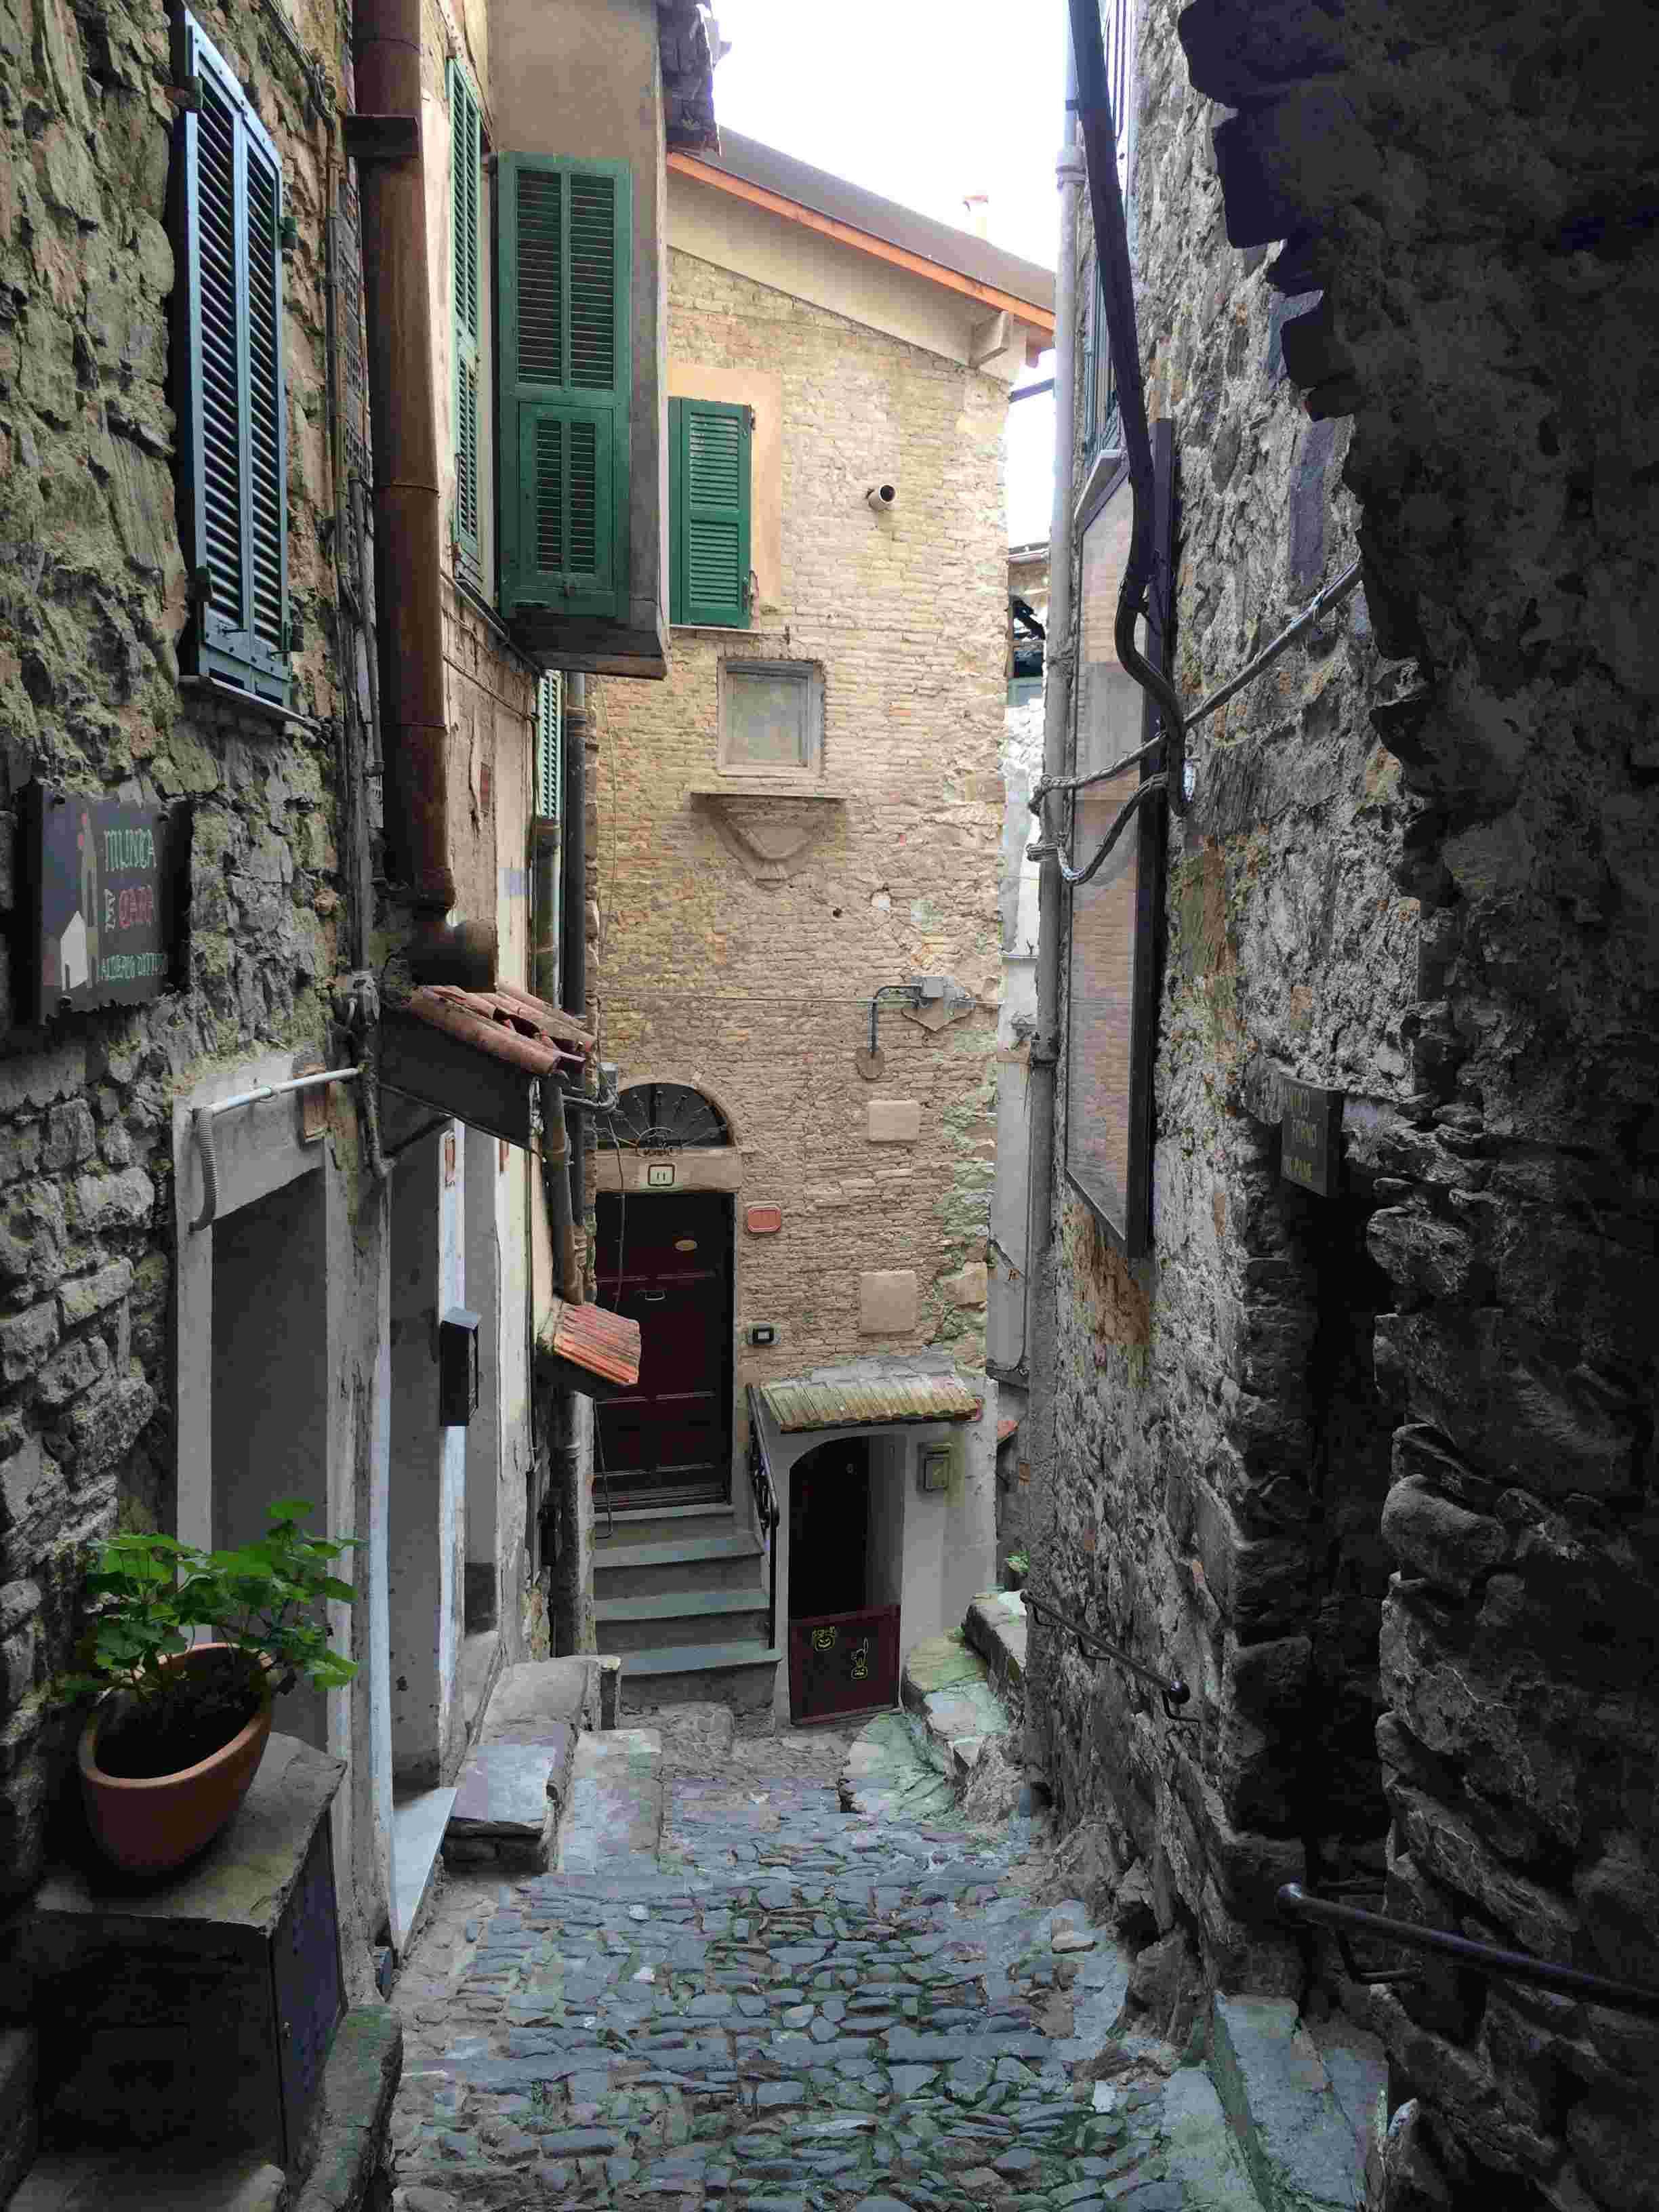 Apricale, le plus beau village d'Italie Aprica19